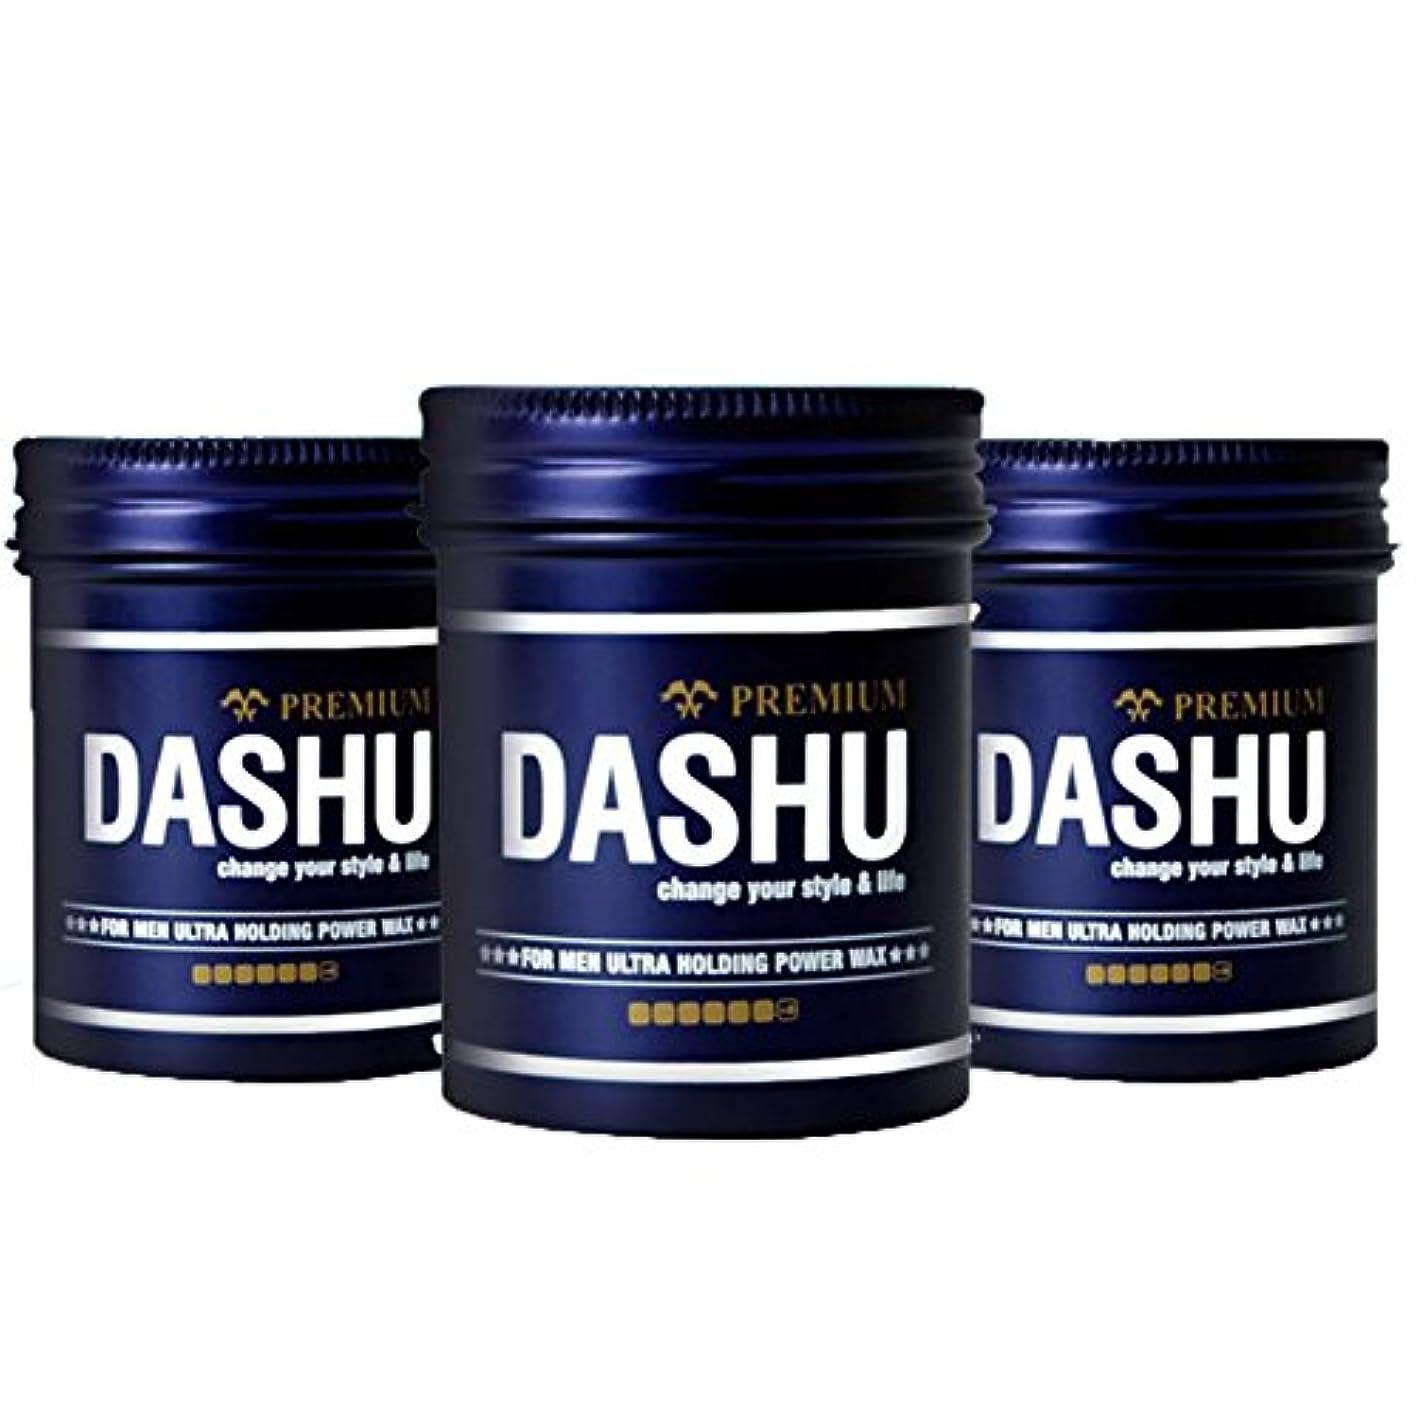 発送モンク借りる(3個セット) x [DASHU] ダシュ For Men男性用 プレミアムウルトラホールディングパワーワックス Premium Ultra Holding Power Hair Wax 100m l/ 韓国製 . 韓国直送品